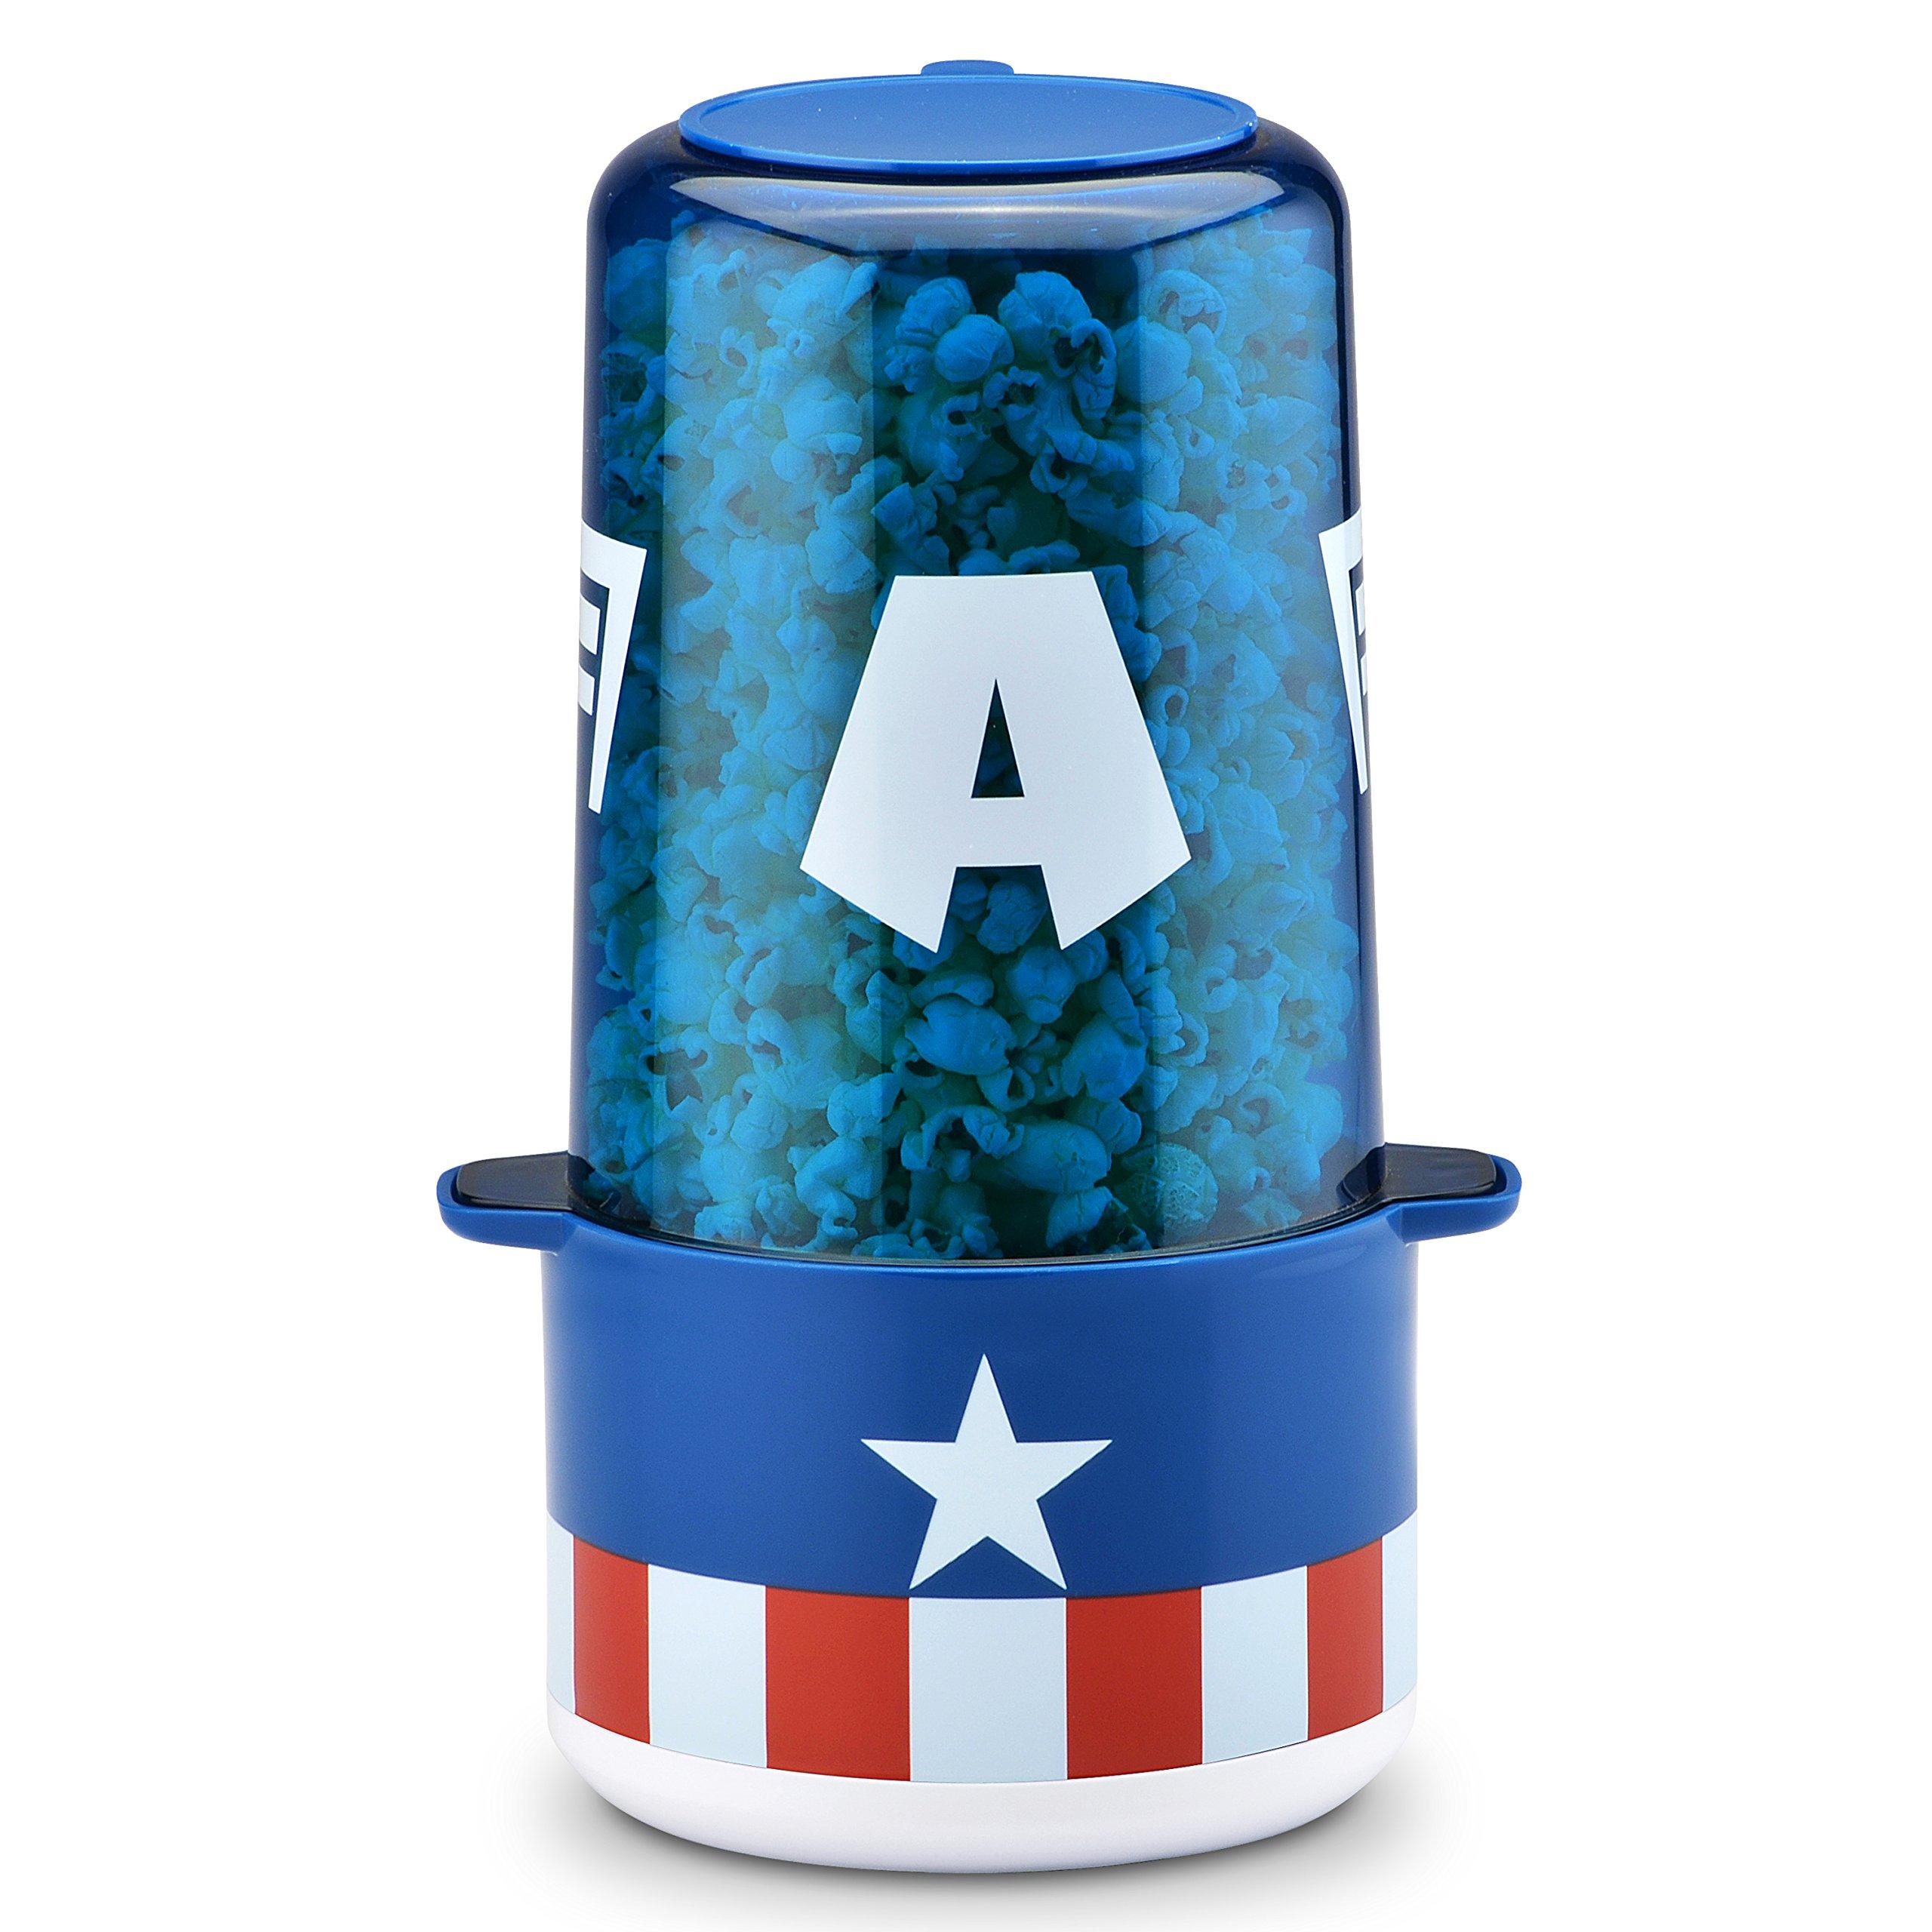 Marvel Captain America Mini Stir Popcorn Popper